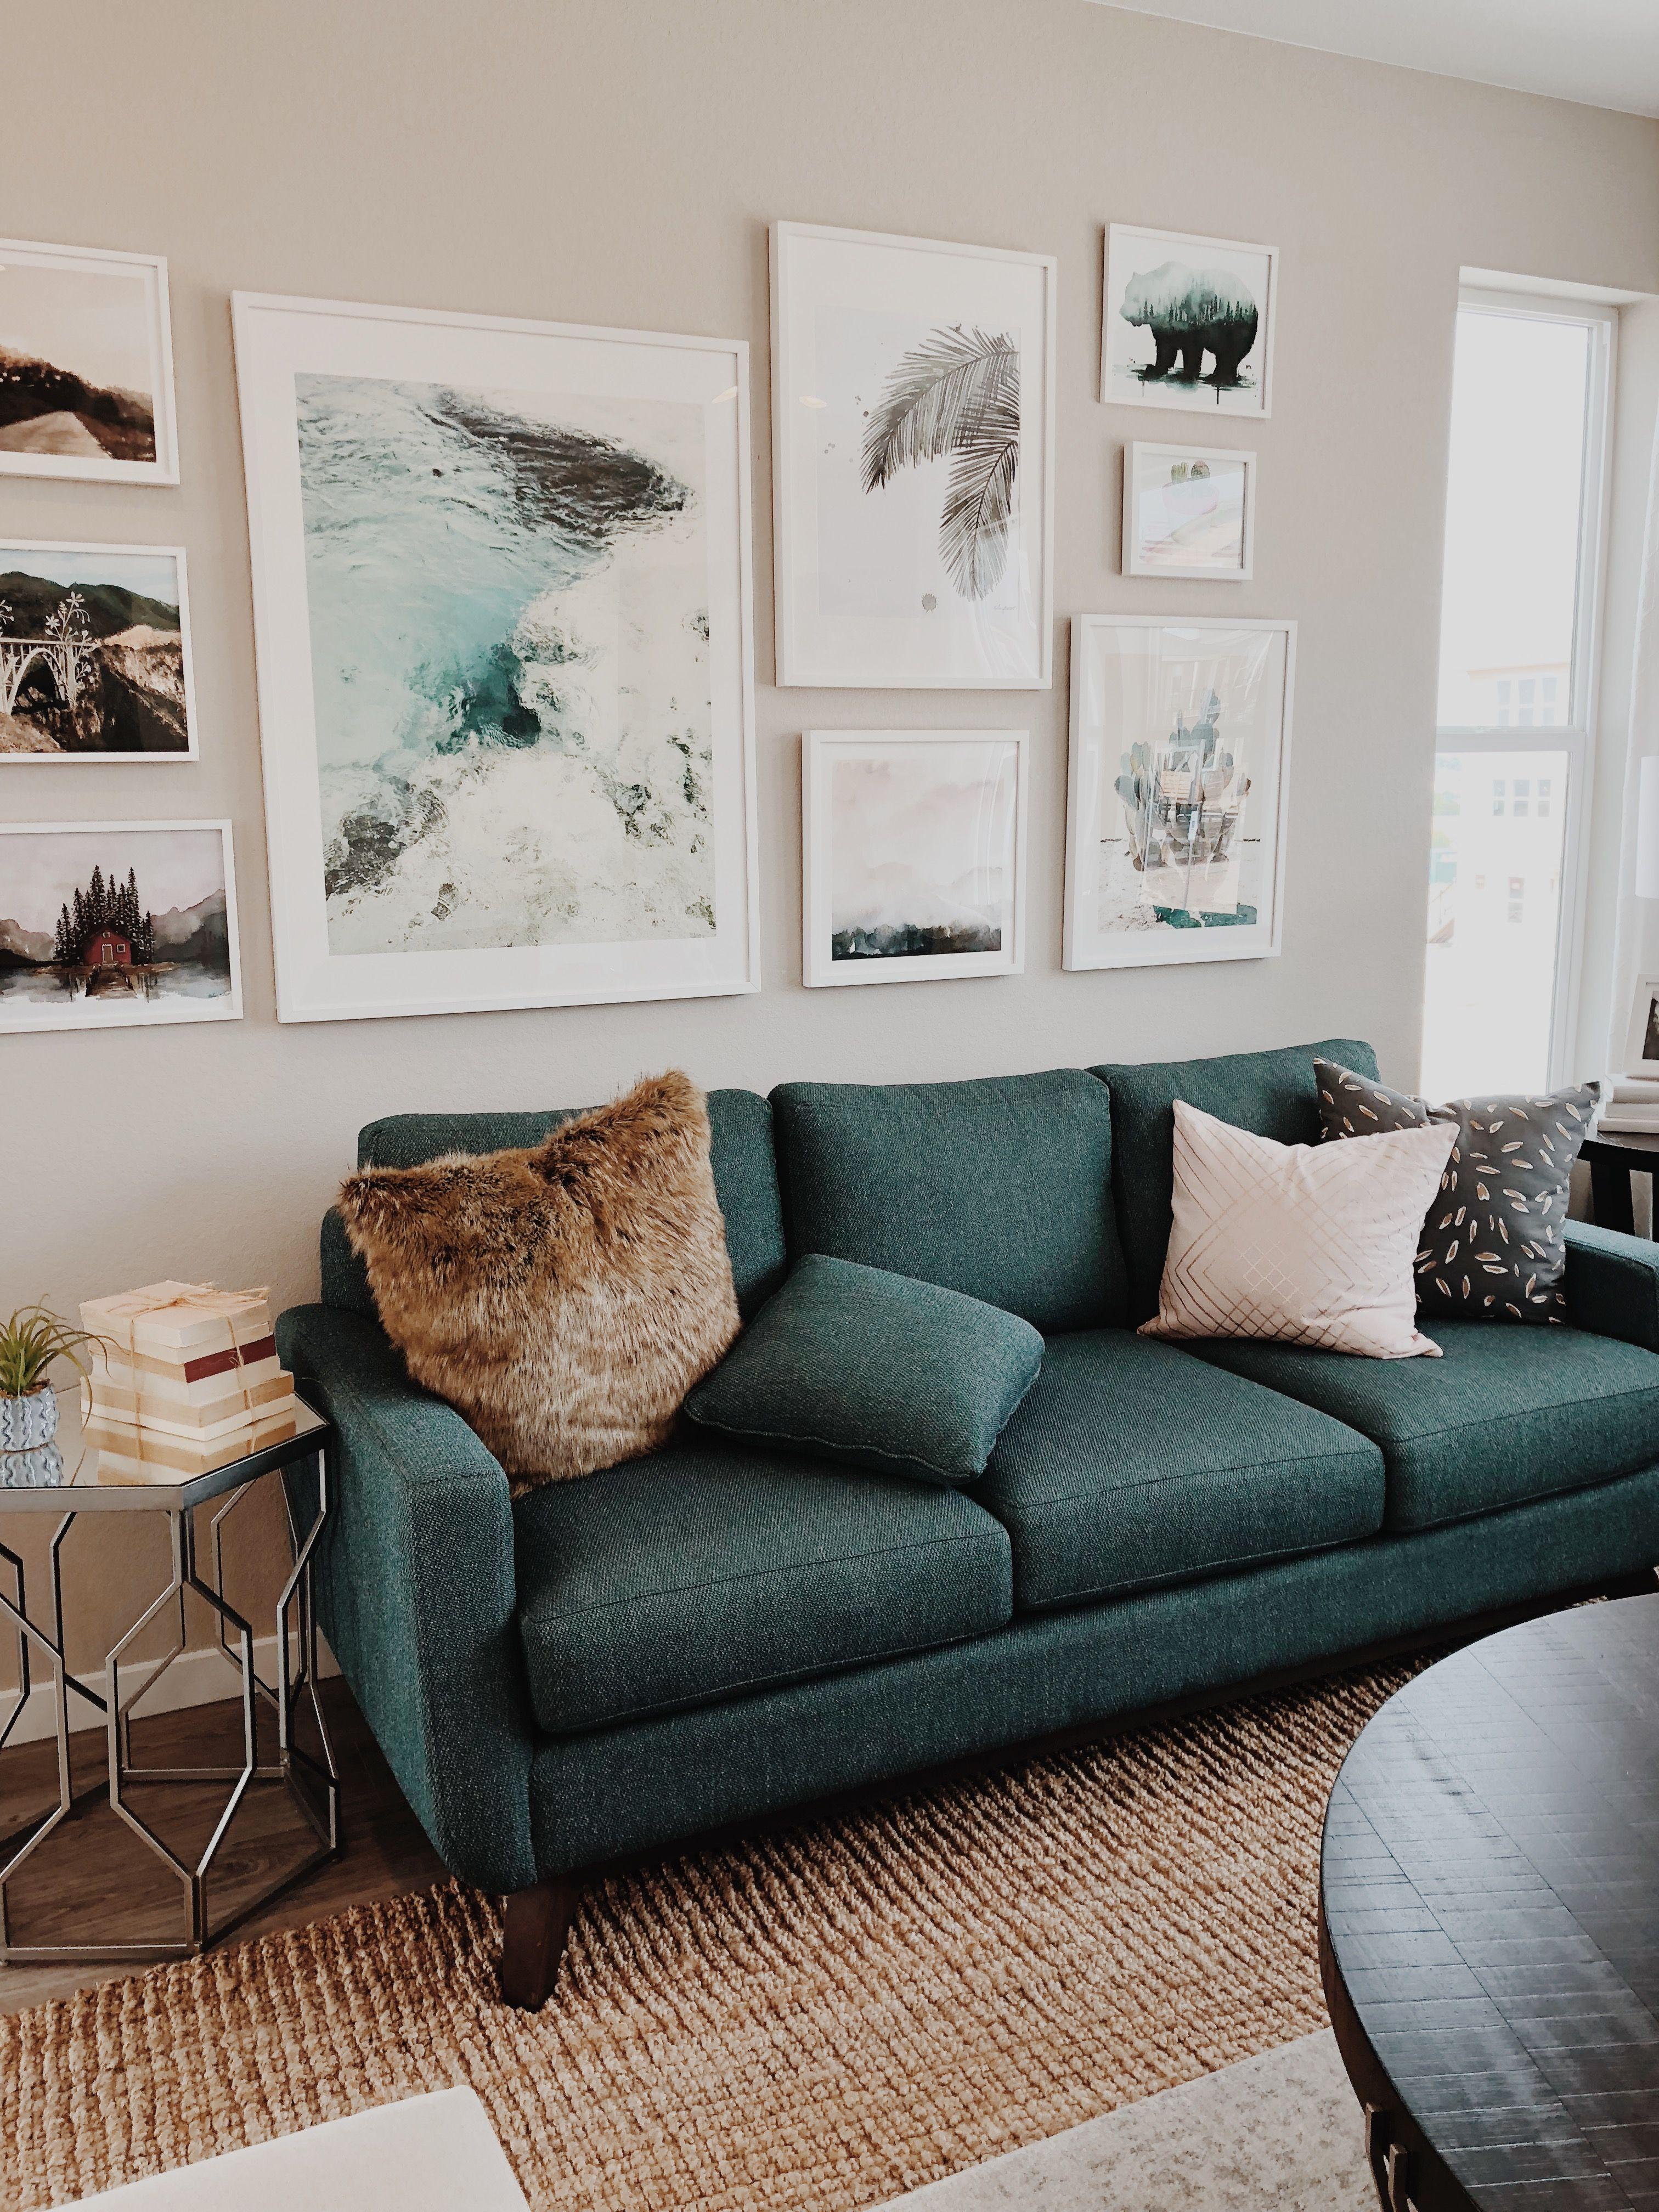 Jade Couch And Artwork Decor Home Decor Home Jade living room ideas